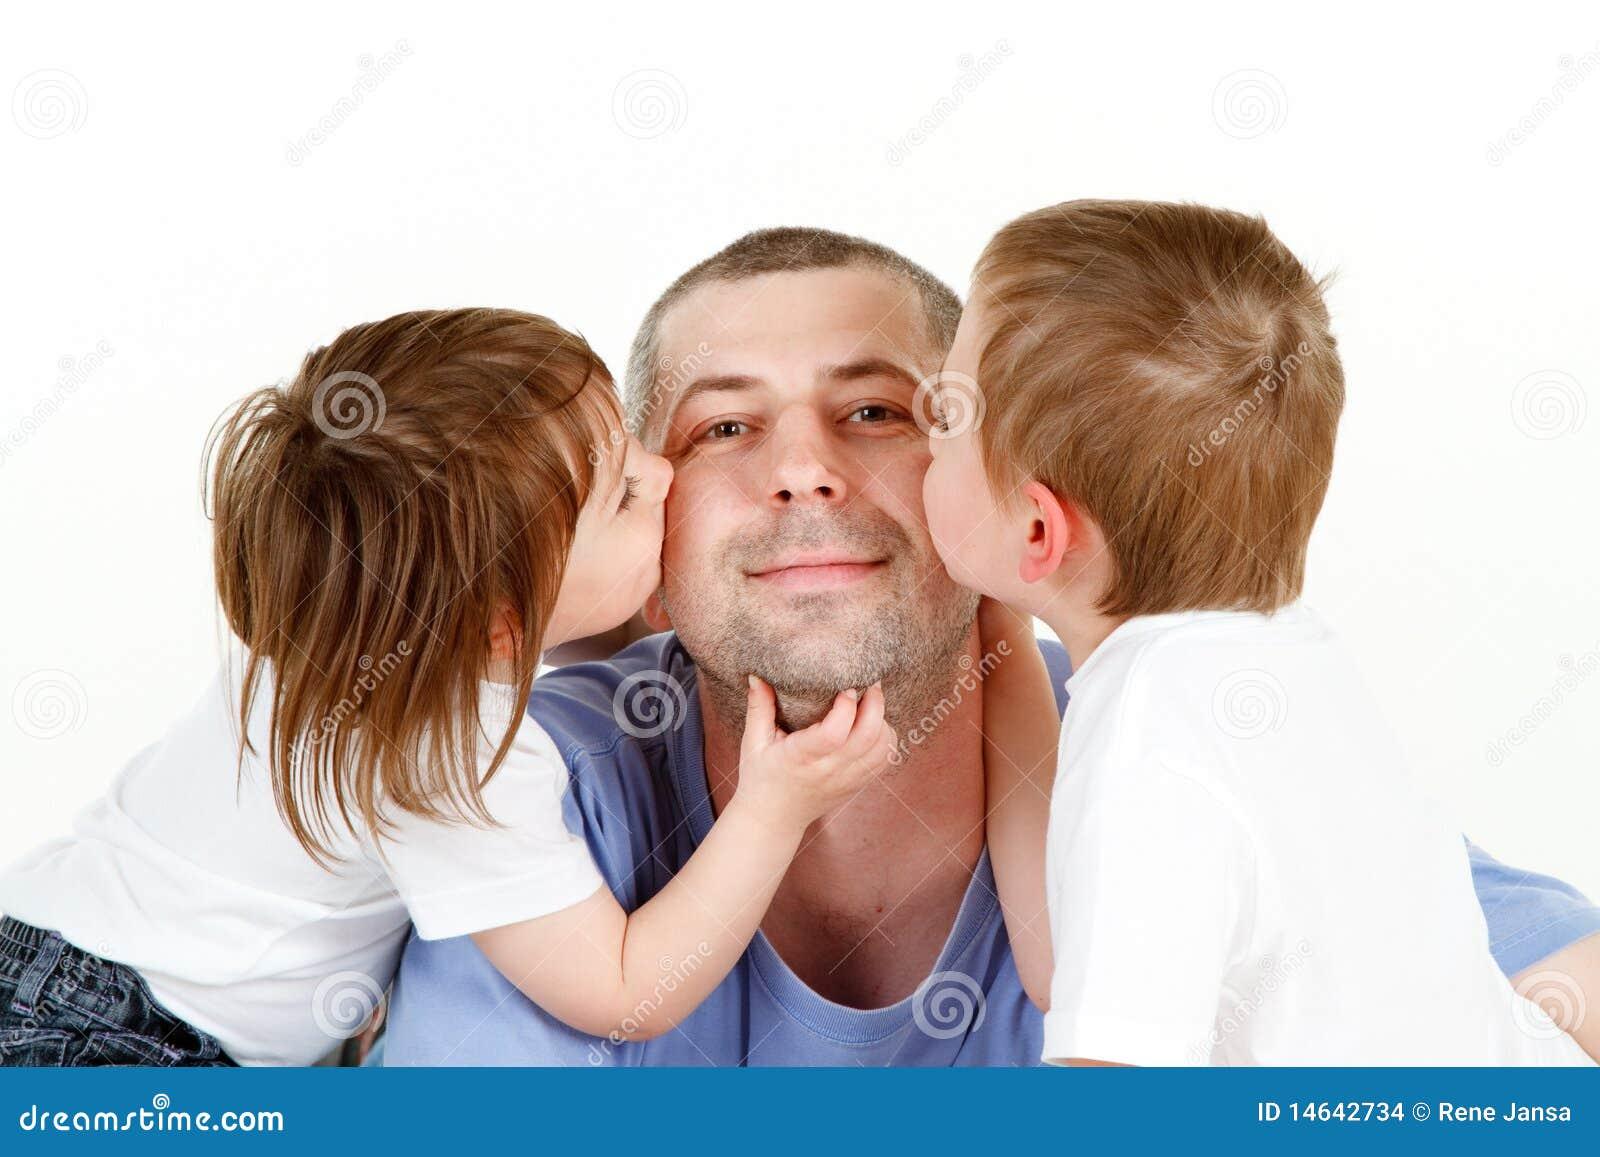 Kussen Voor Kinderen : Kinderen die papa kussen stock foto afbeelding bestaande uit